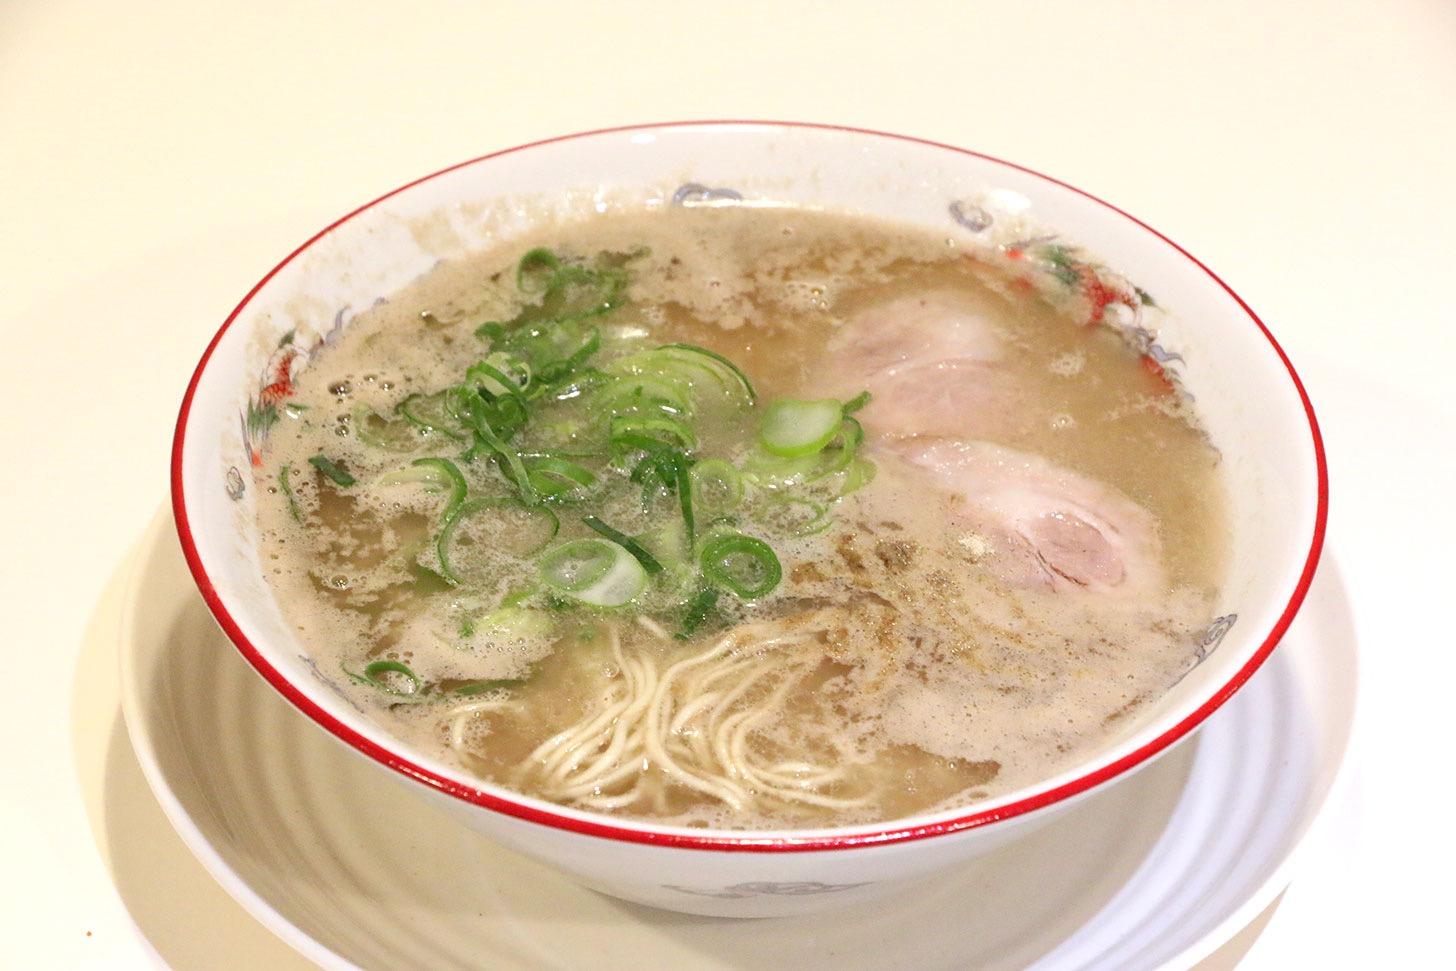 八ちゃんラーメンが新横浜ラーメン博物館に!超濃厚とんこつは臭みなく女性も嬉しい